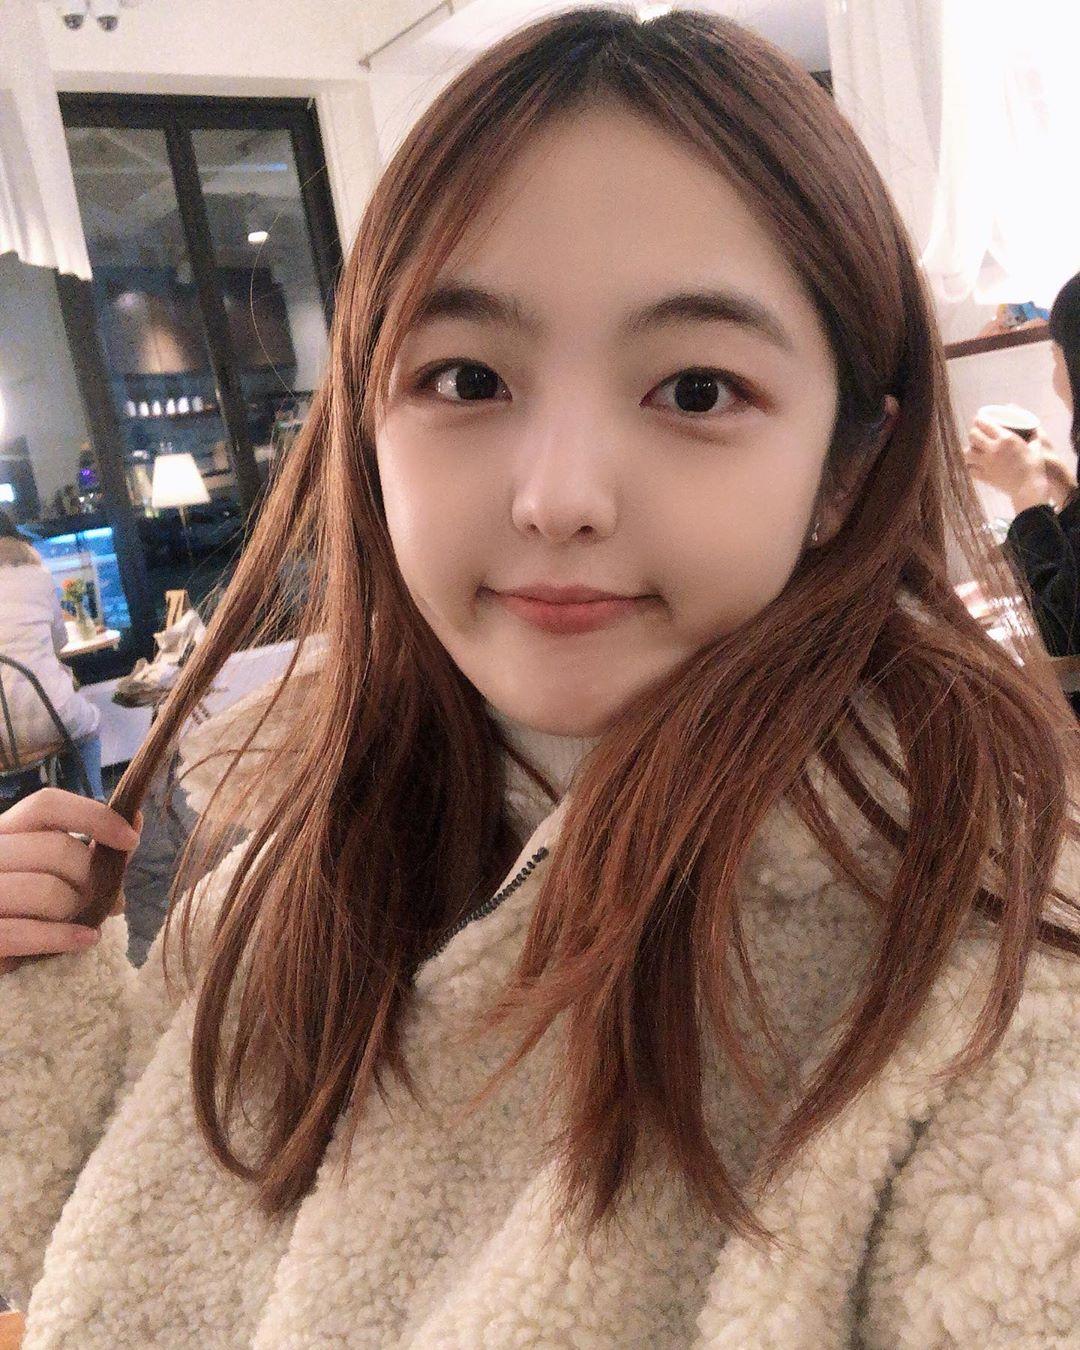 'Shin Ae hiền lành' của 'Gia đình là số 1' bị mắng 'ngu dốt' vì đi cafe học hành giữa mùa Covid-19 2